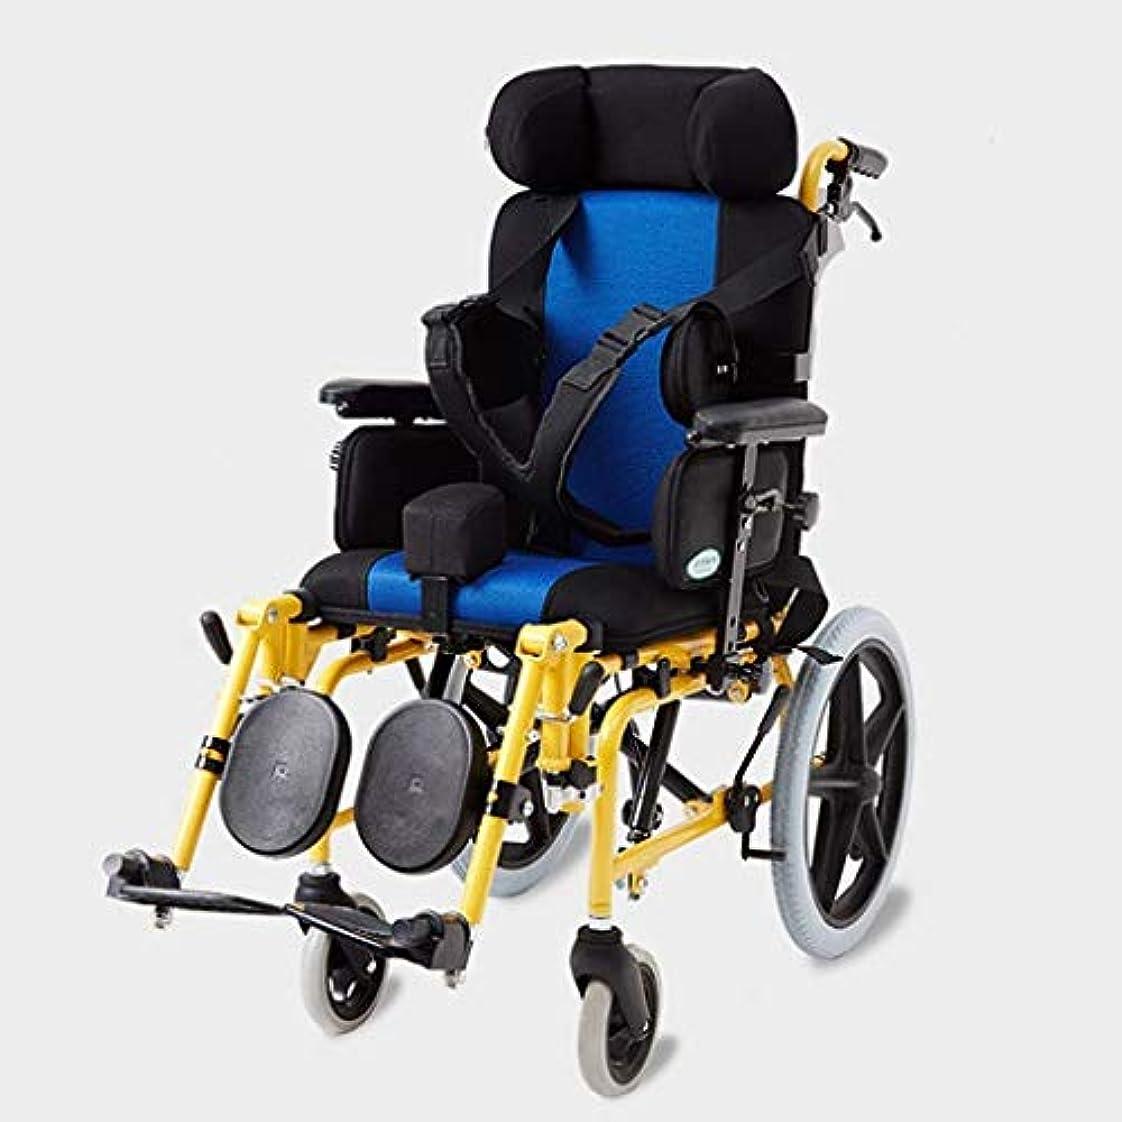 偽物手綱買う車いす多機能フル?レイ/セミ横たわっデザイン、マニュアル脳性麻痺、子供、軽量折りたたみ交通旅行自走式ウォーカー